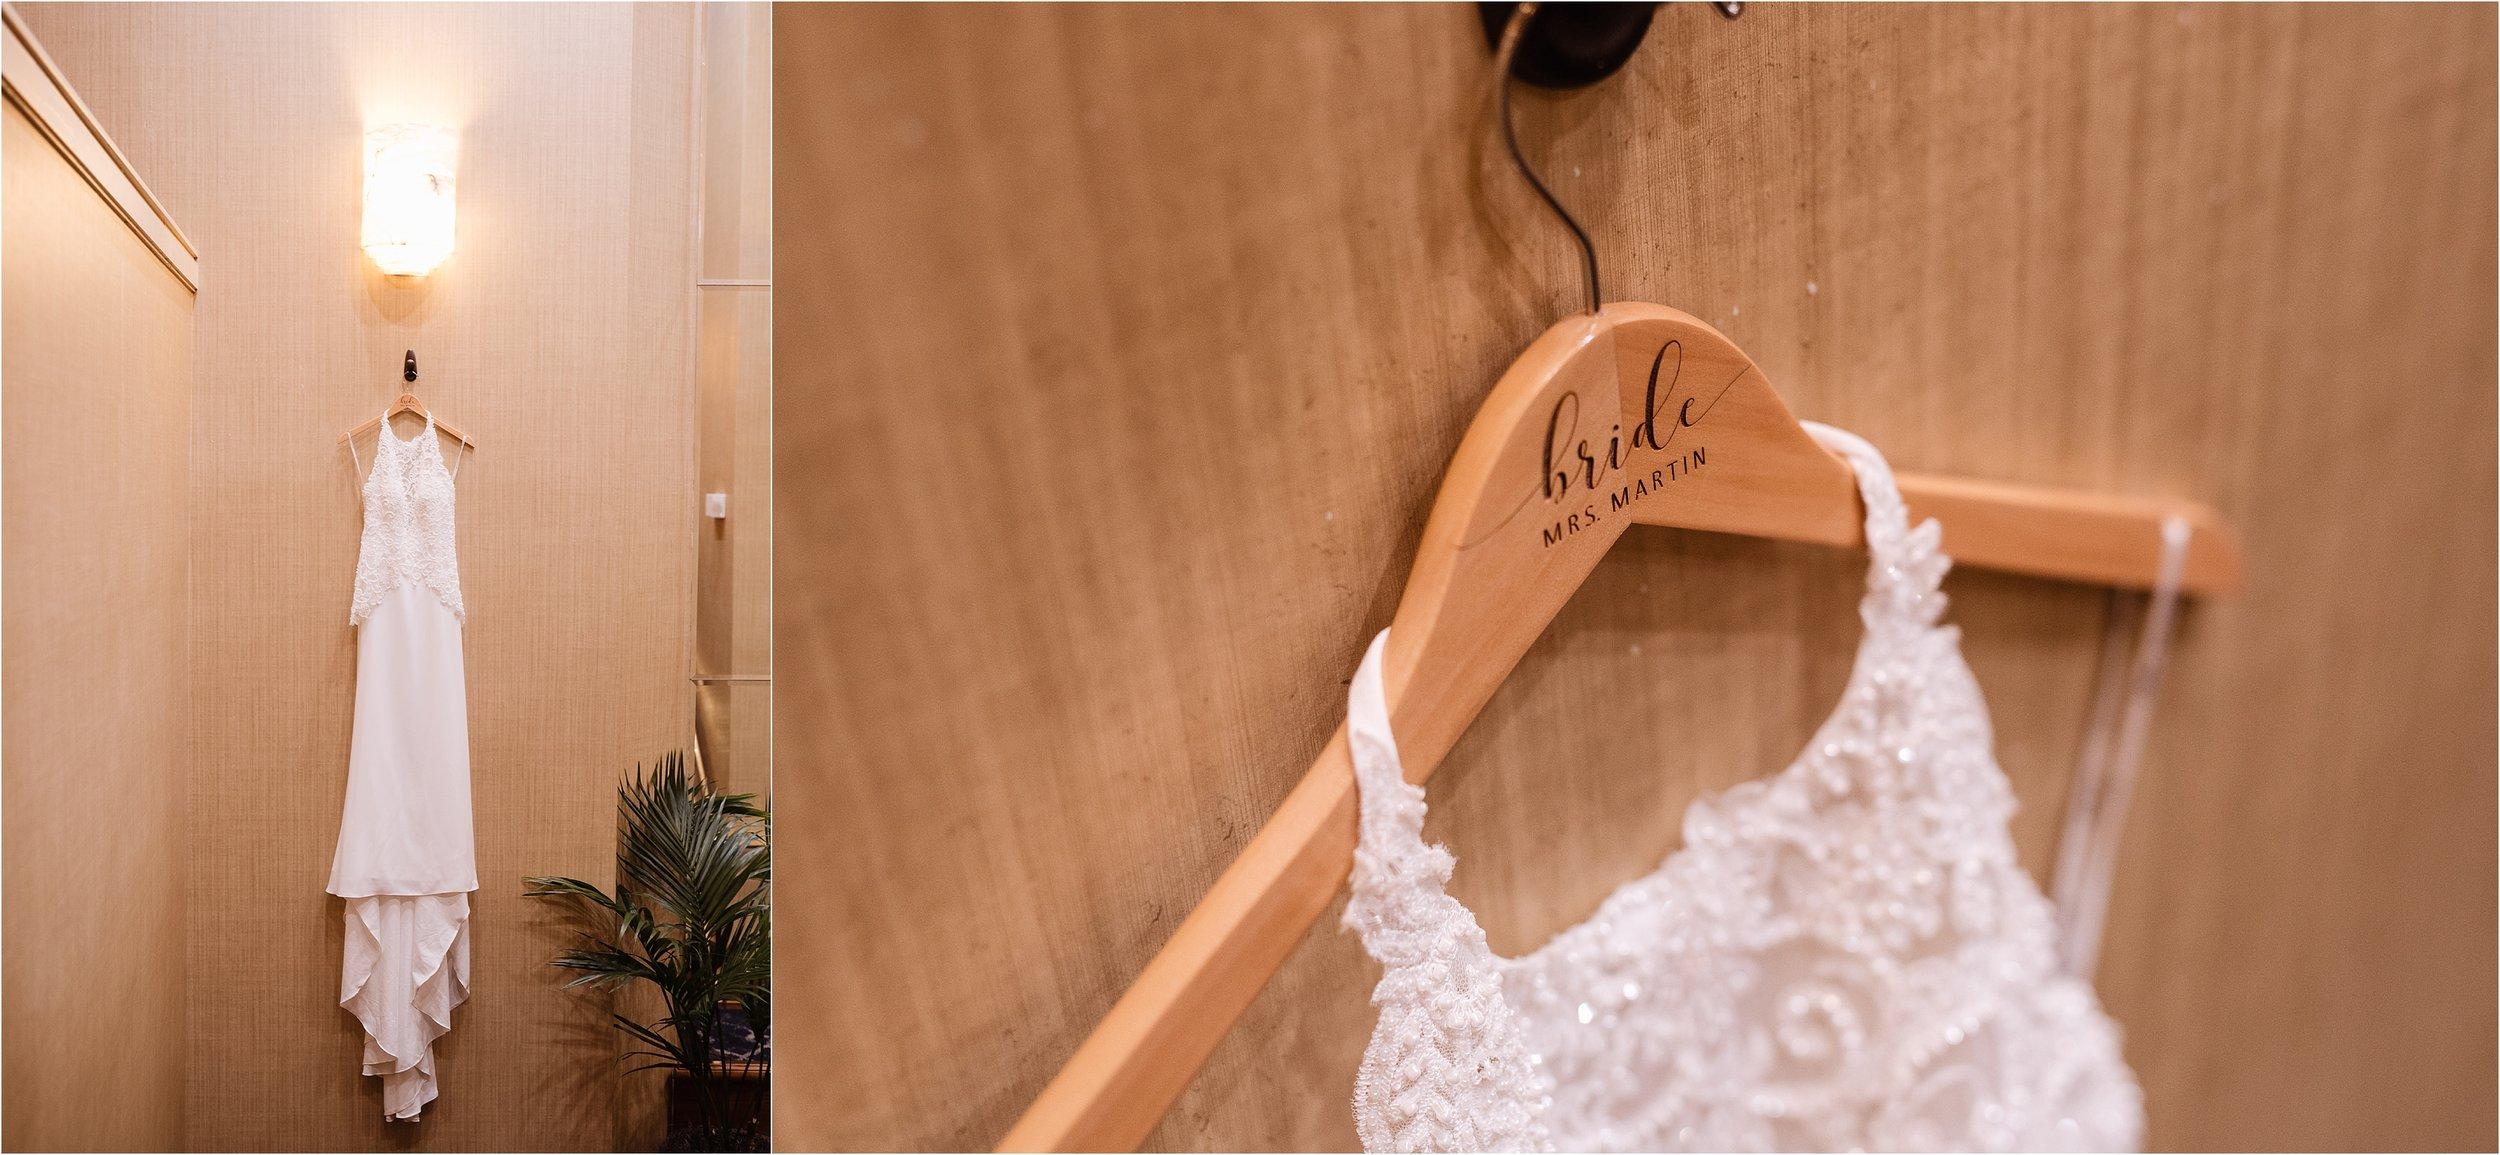 bridal gown bridal dress wedding dress portrait details lace beading